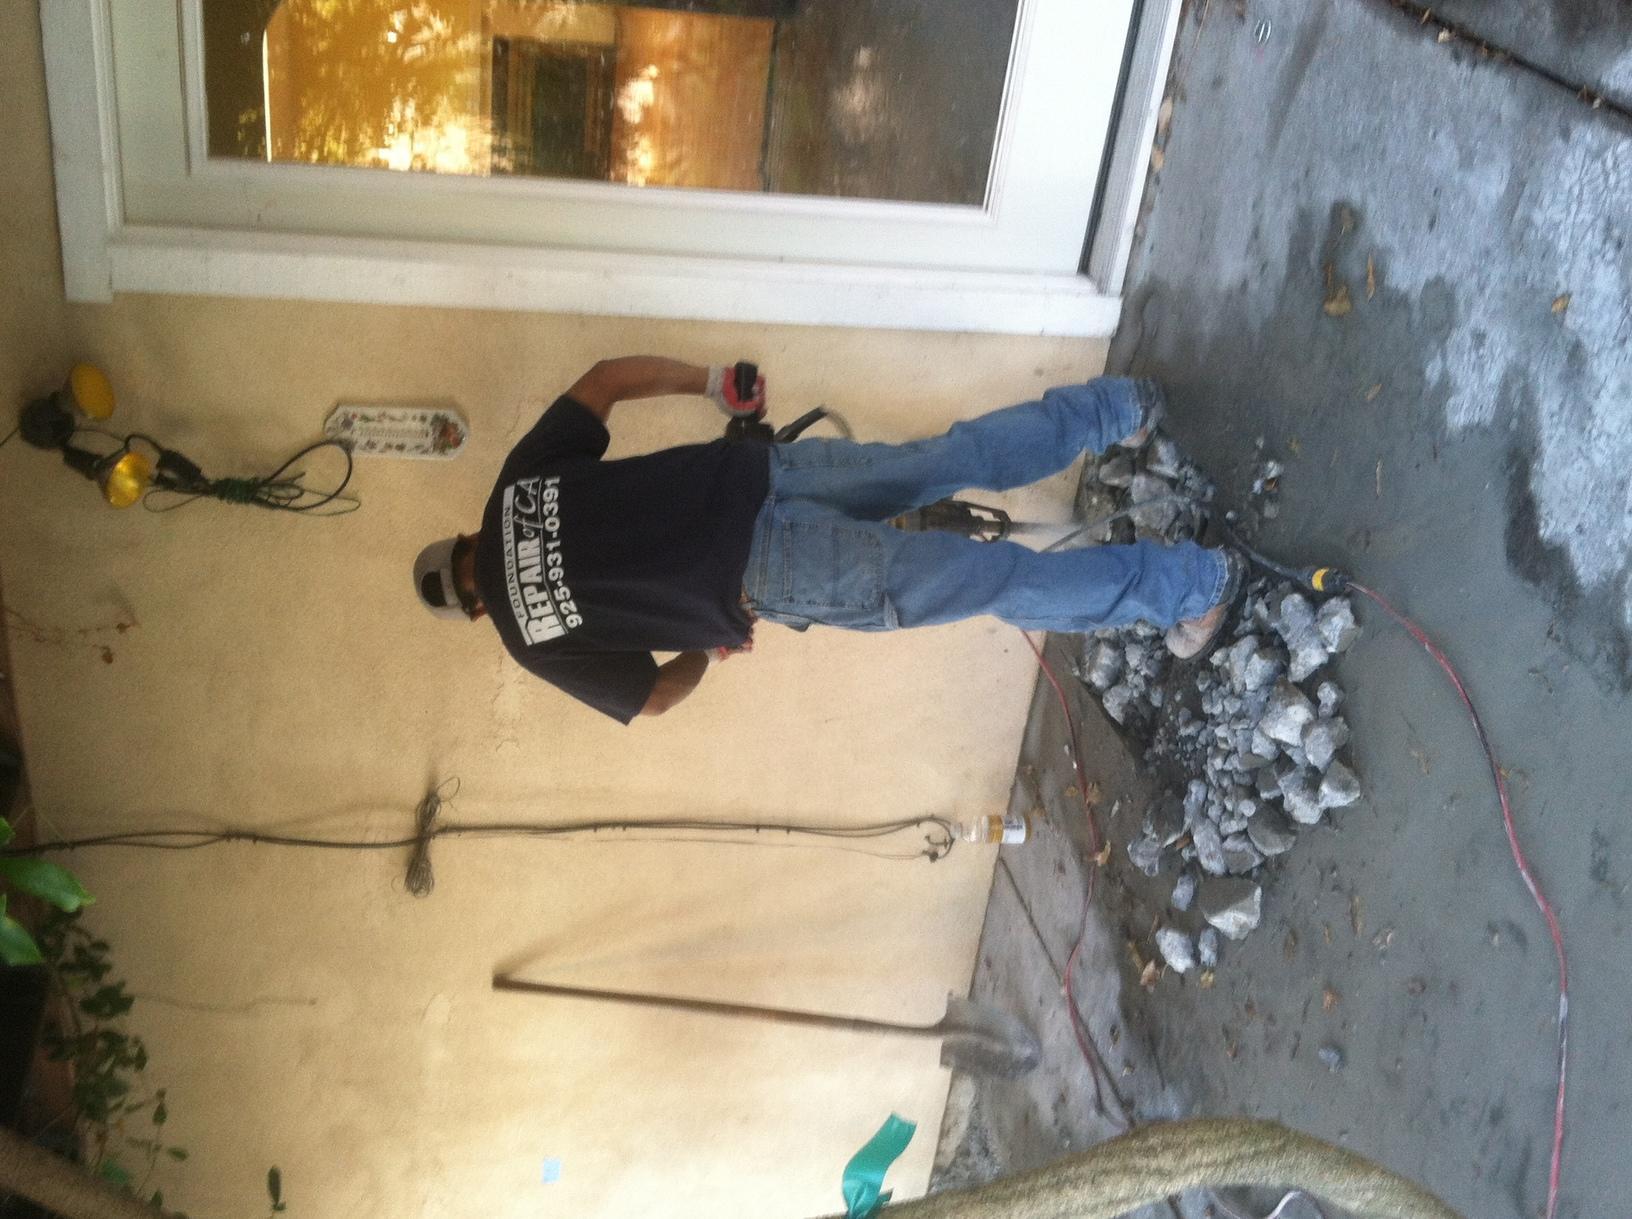 Work in progress in Pleasant Hill, CA